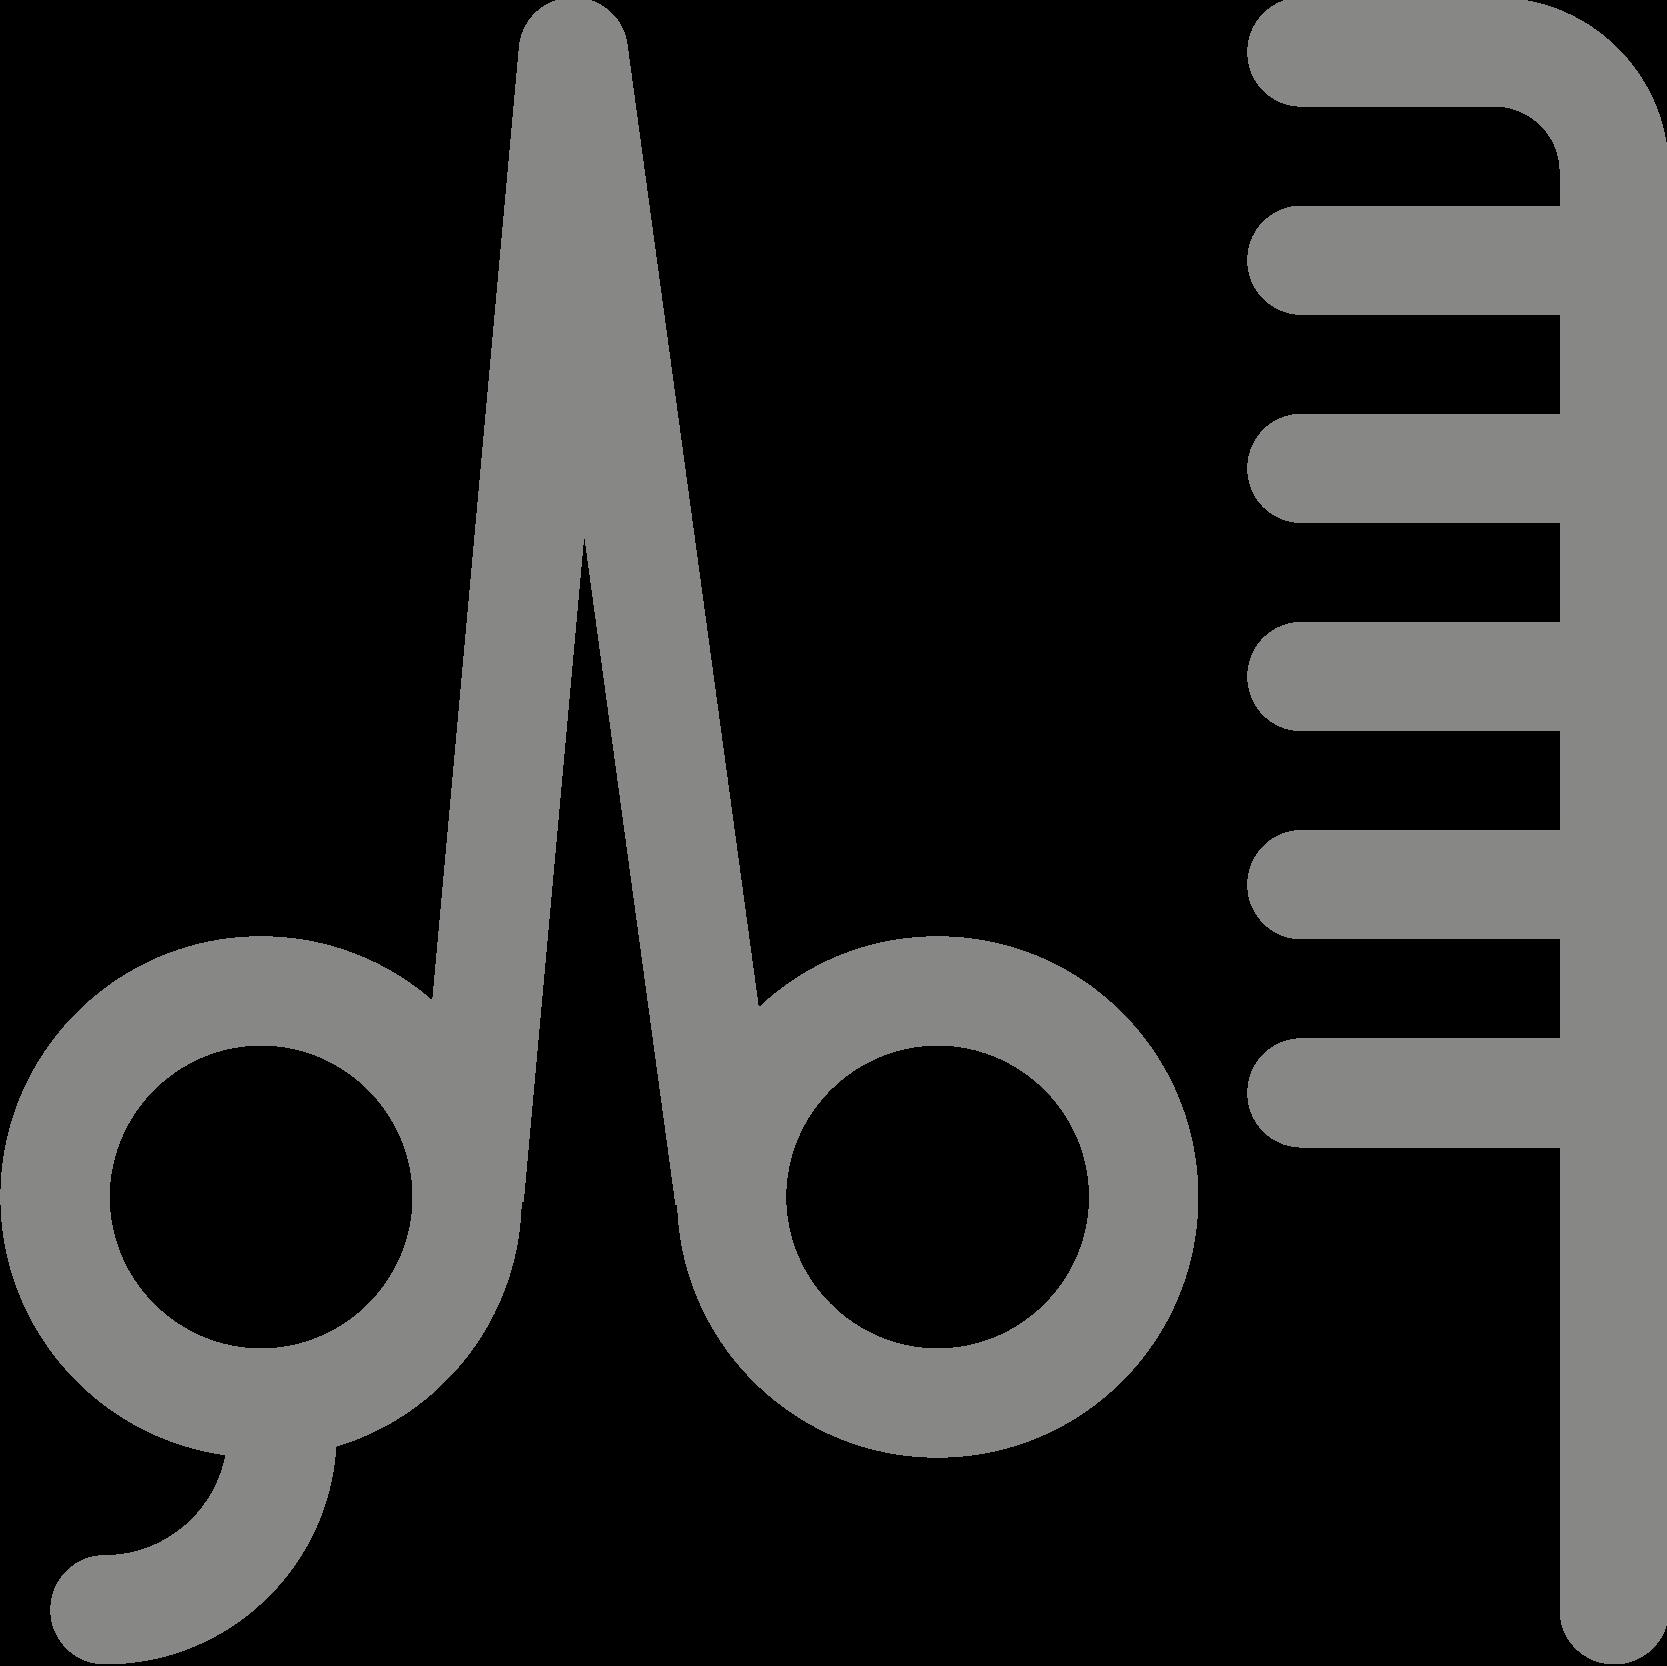 iconModel_51